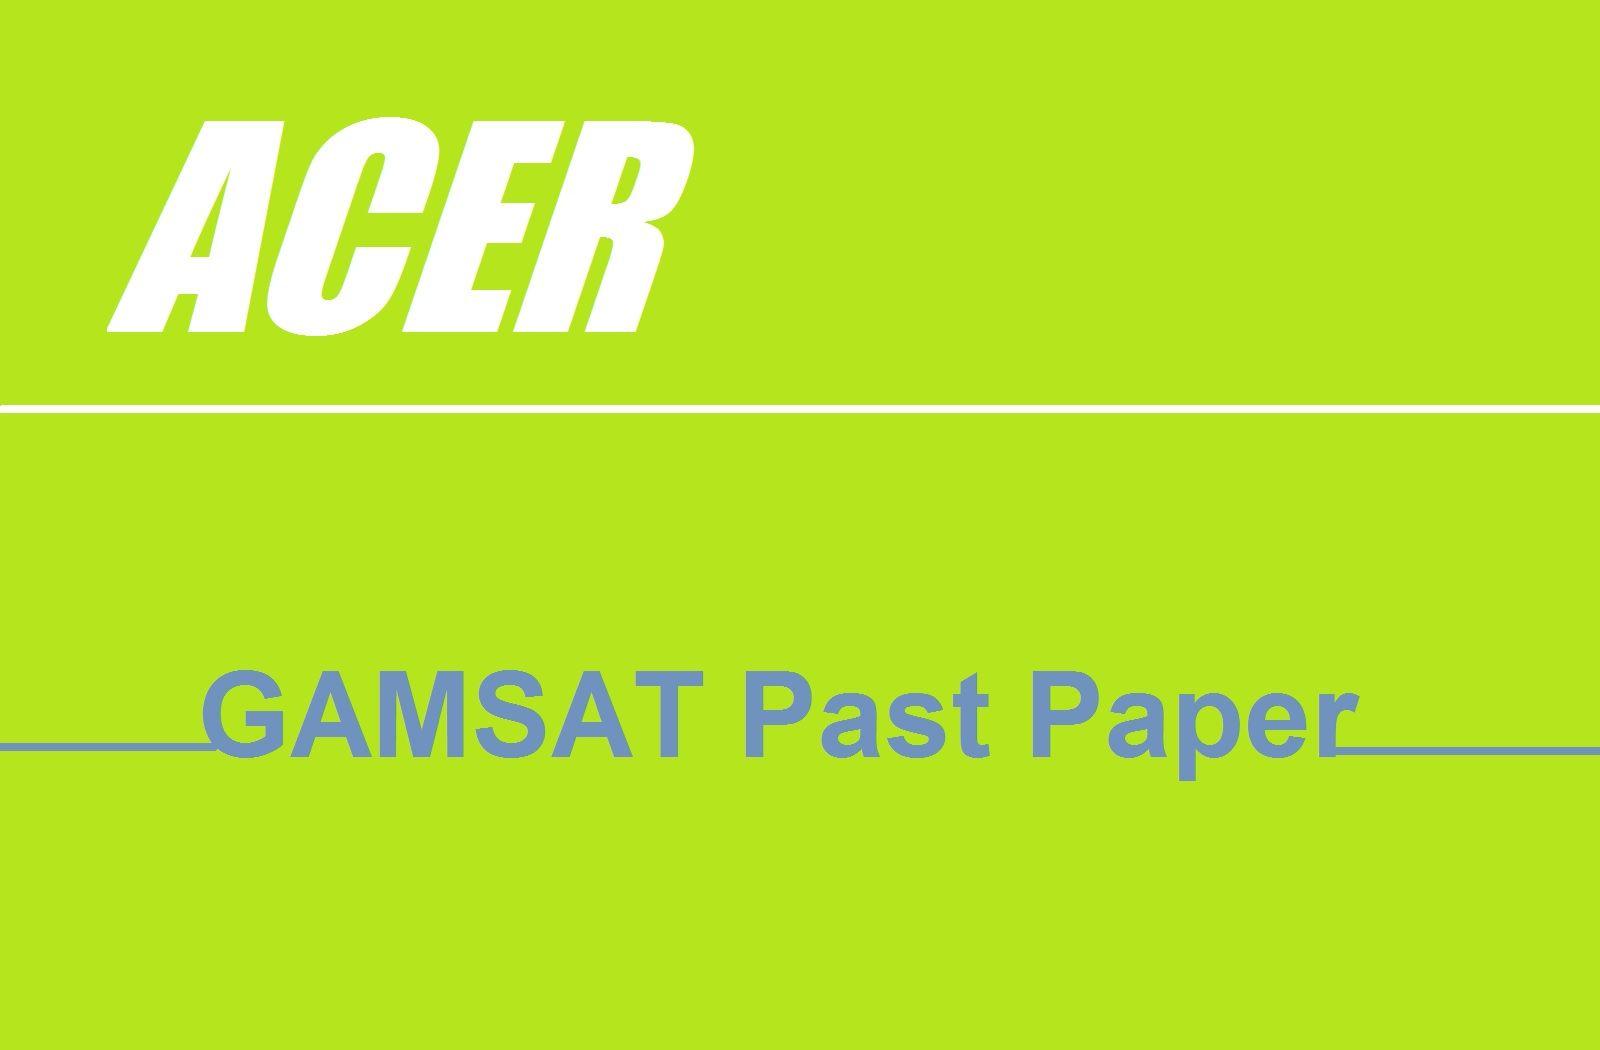 GAMSAT Past Paper